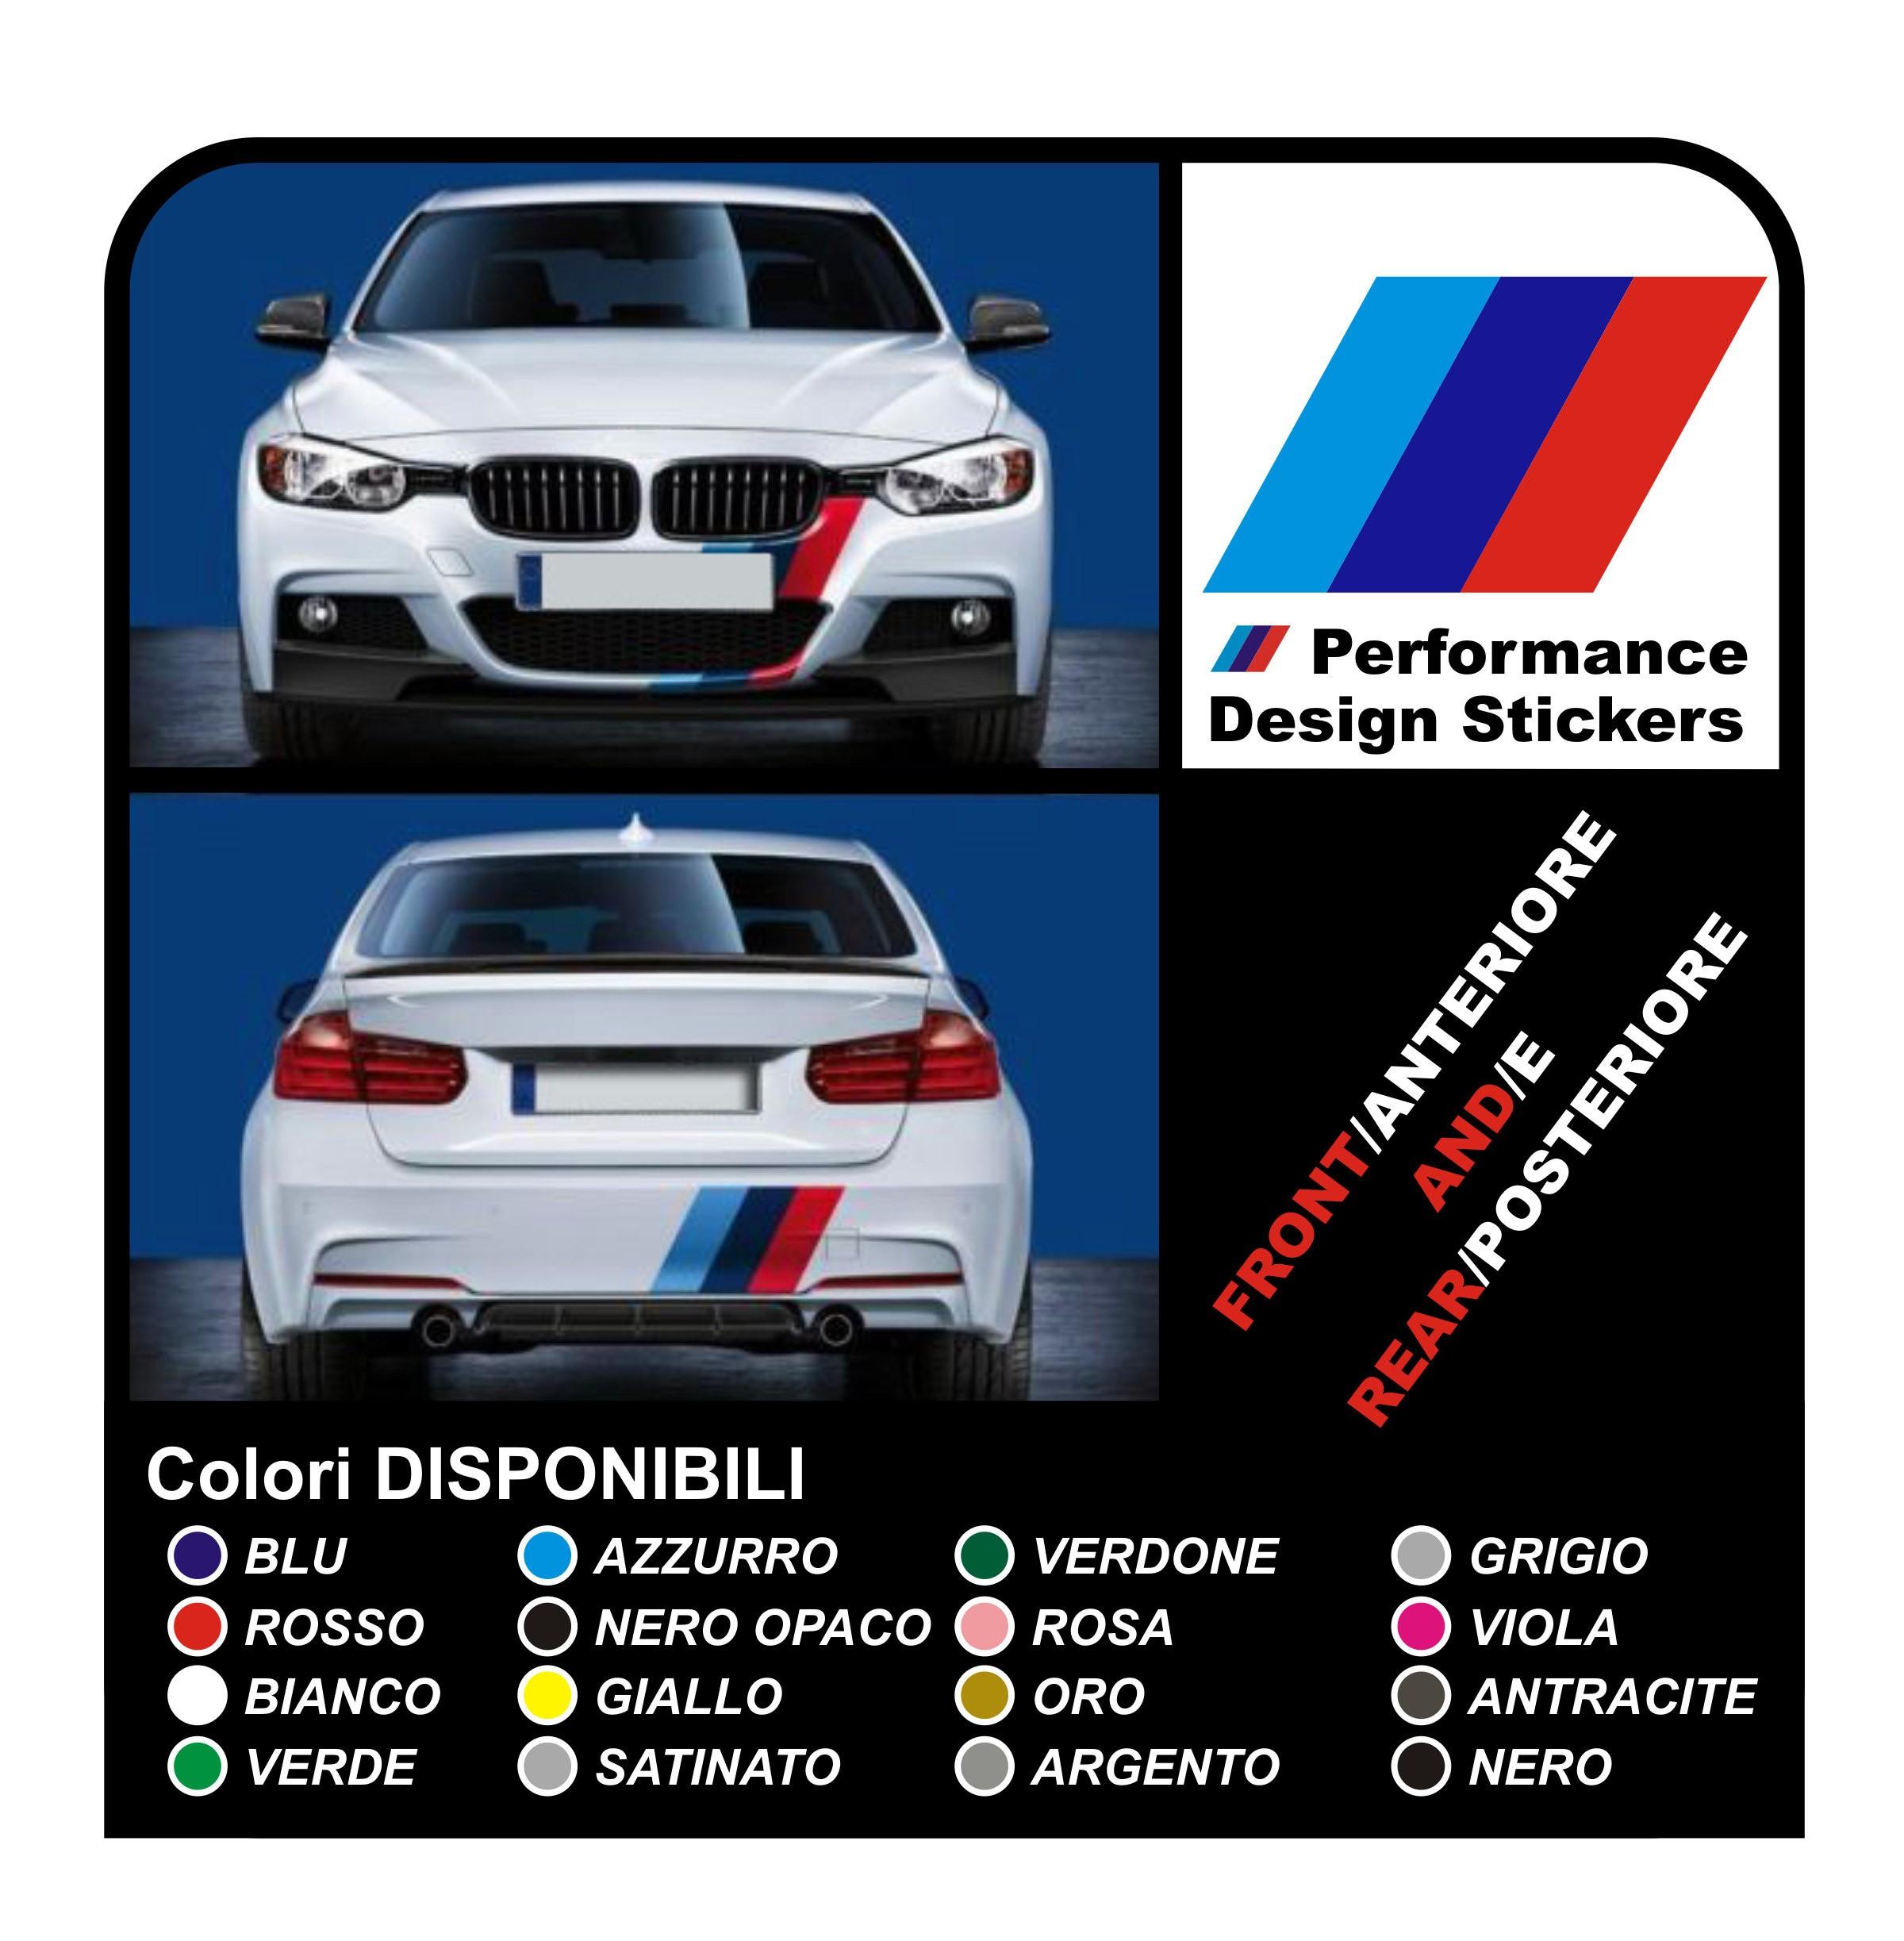 Stickers Band Bumper Front And Rear For Bmw All Models E36 E46 E60 E90 M3 M5 F01 F10